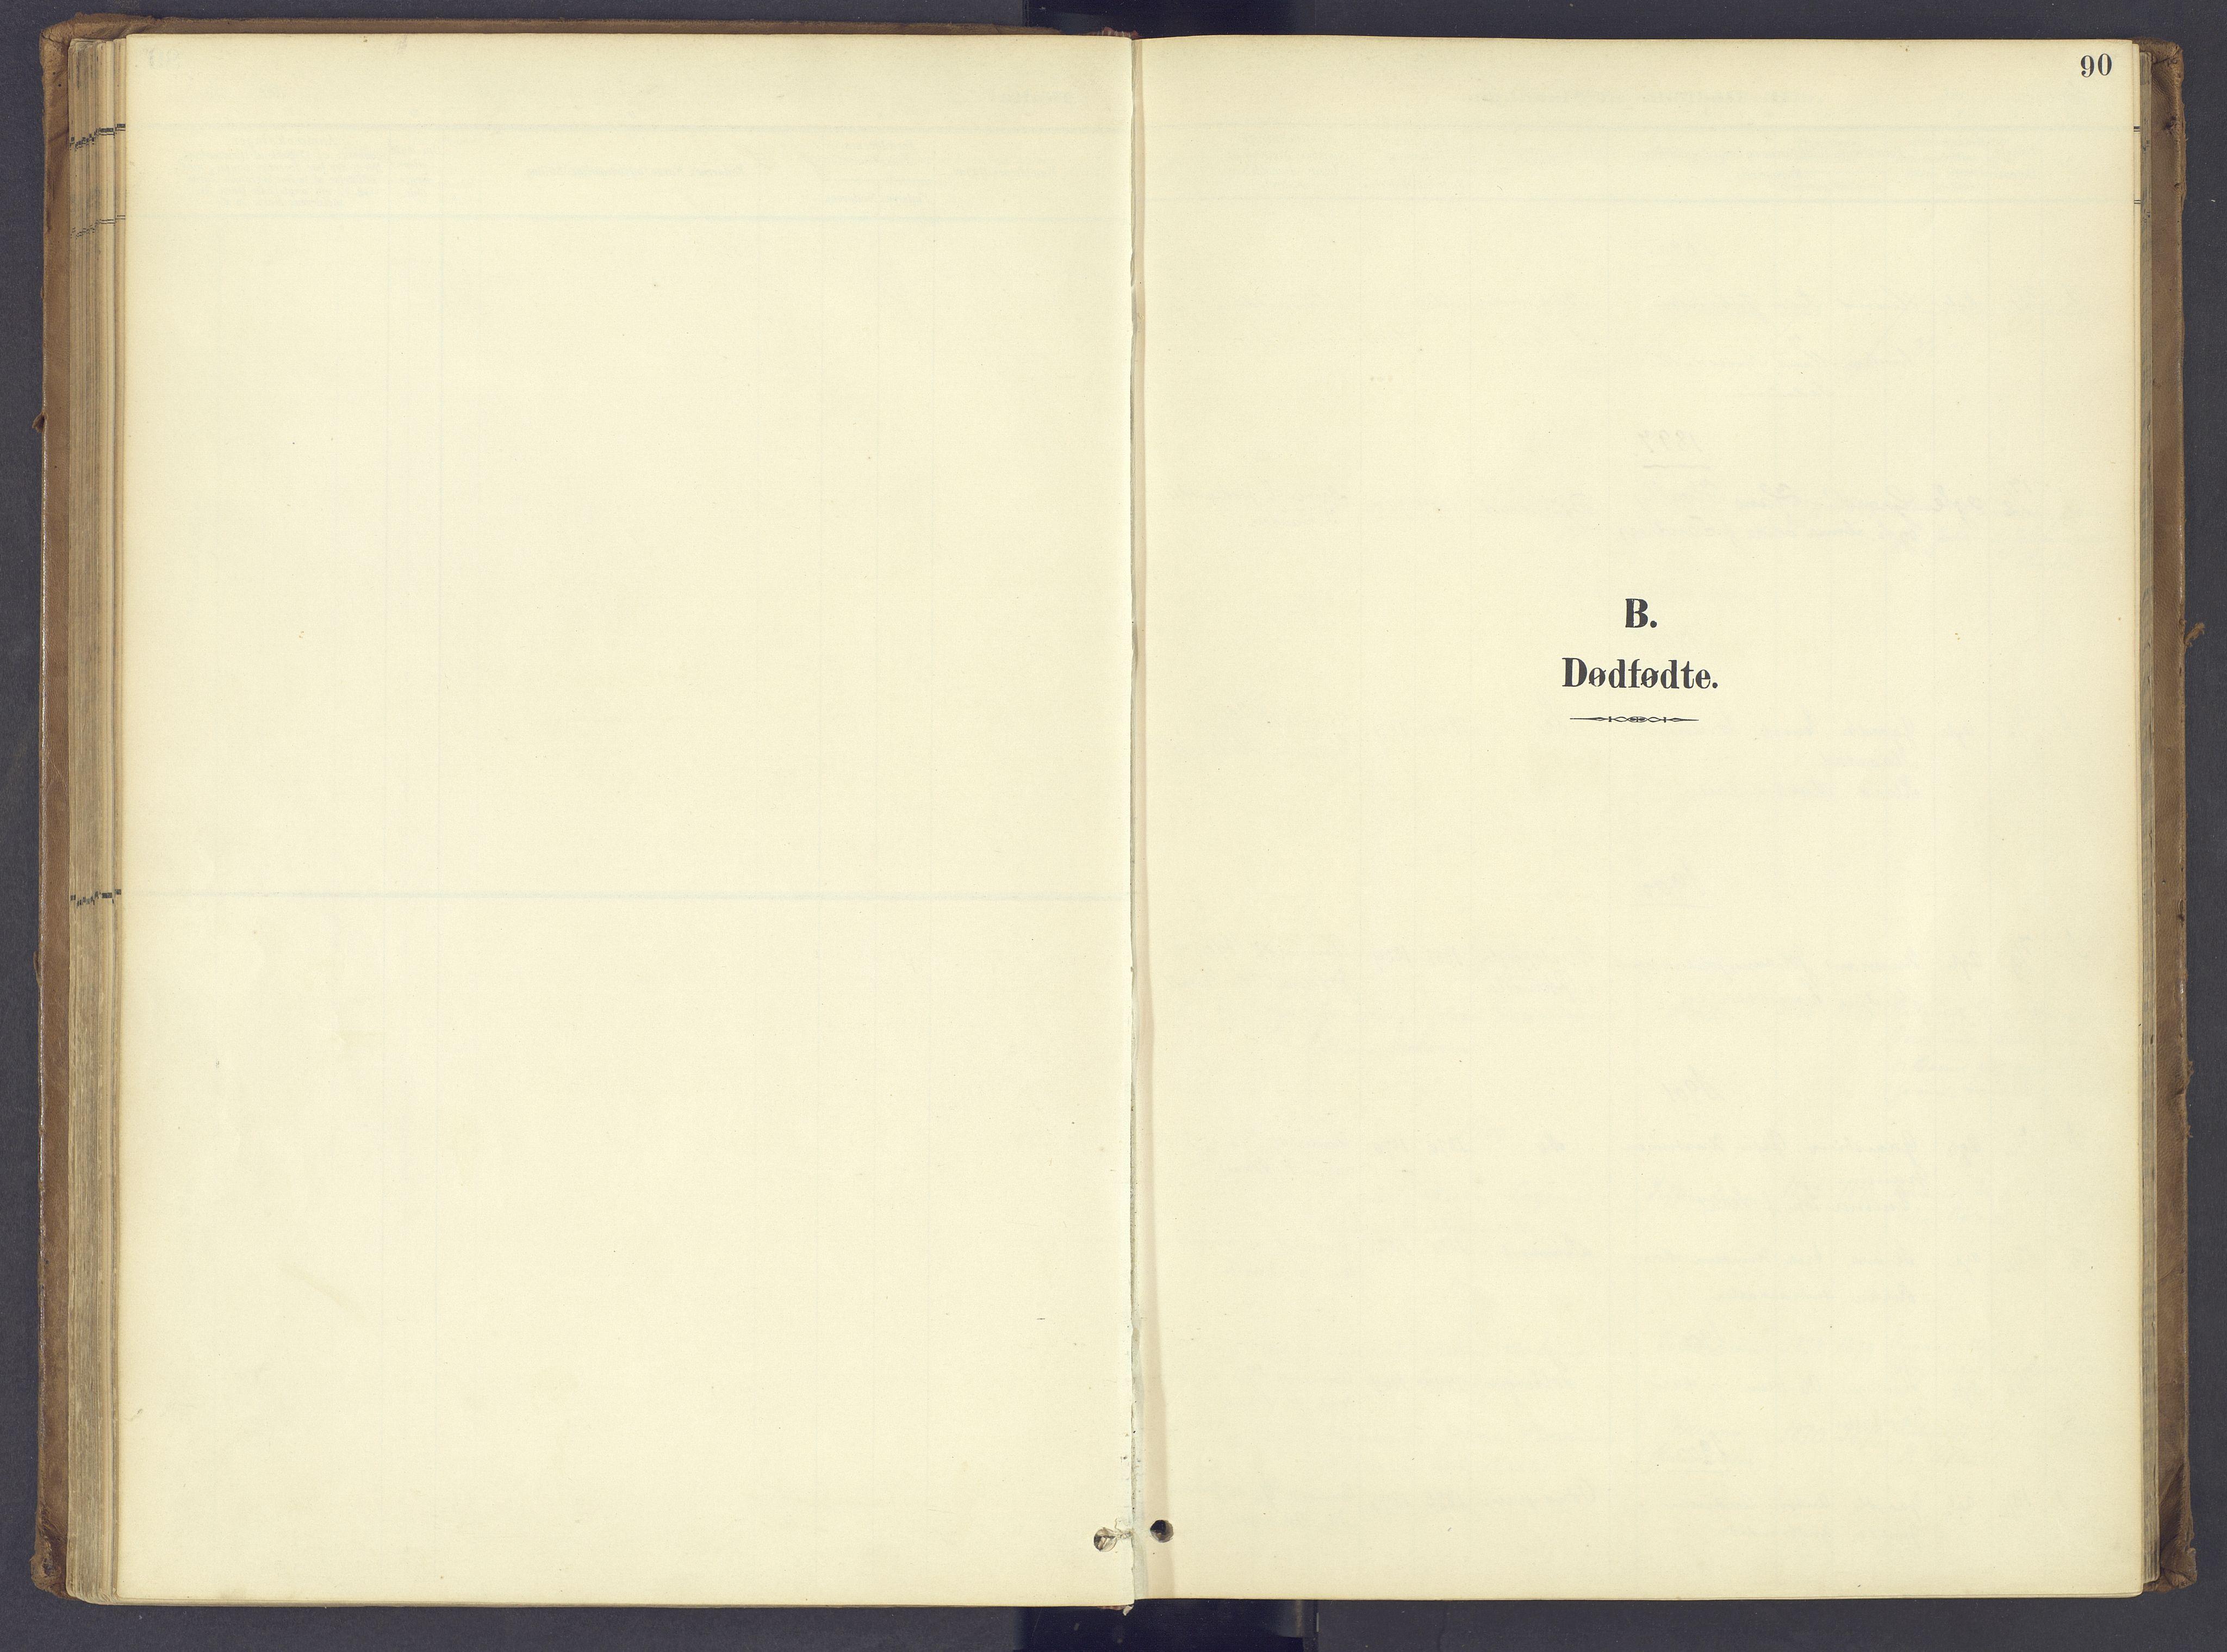 SAH, Søndre Land prestekontor, K/L0006: Ministerialbok nr. 6, 1895-1904, s. 90